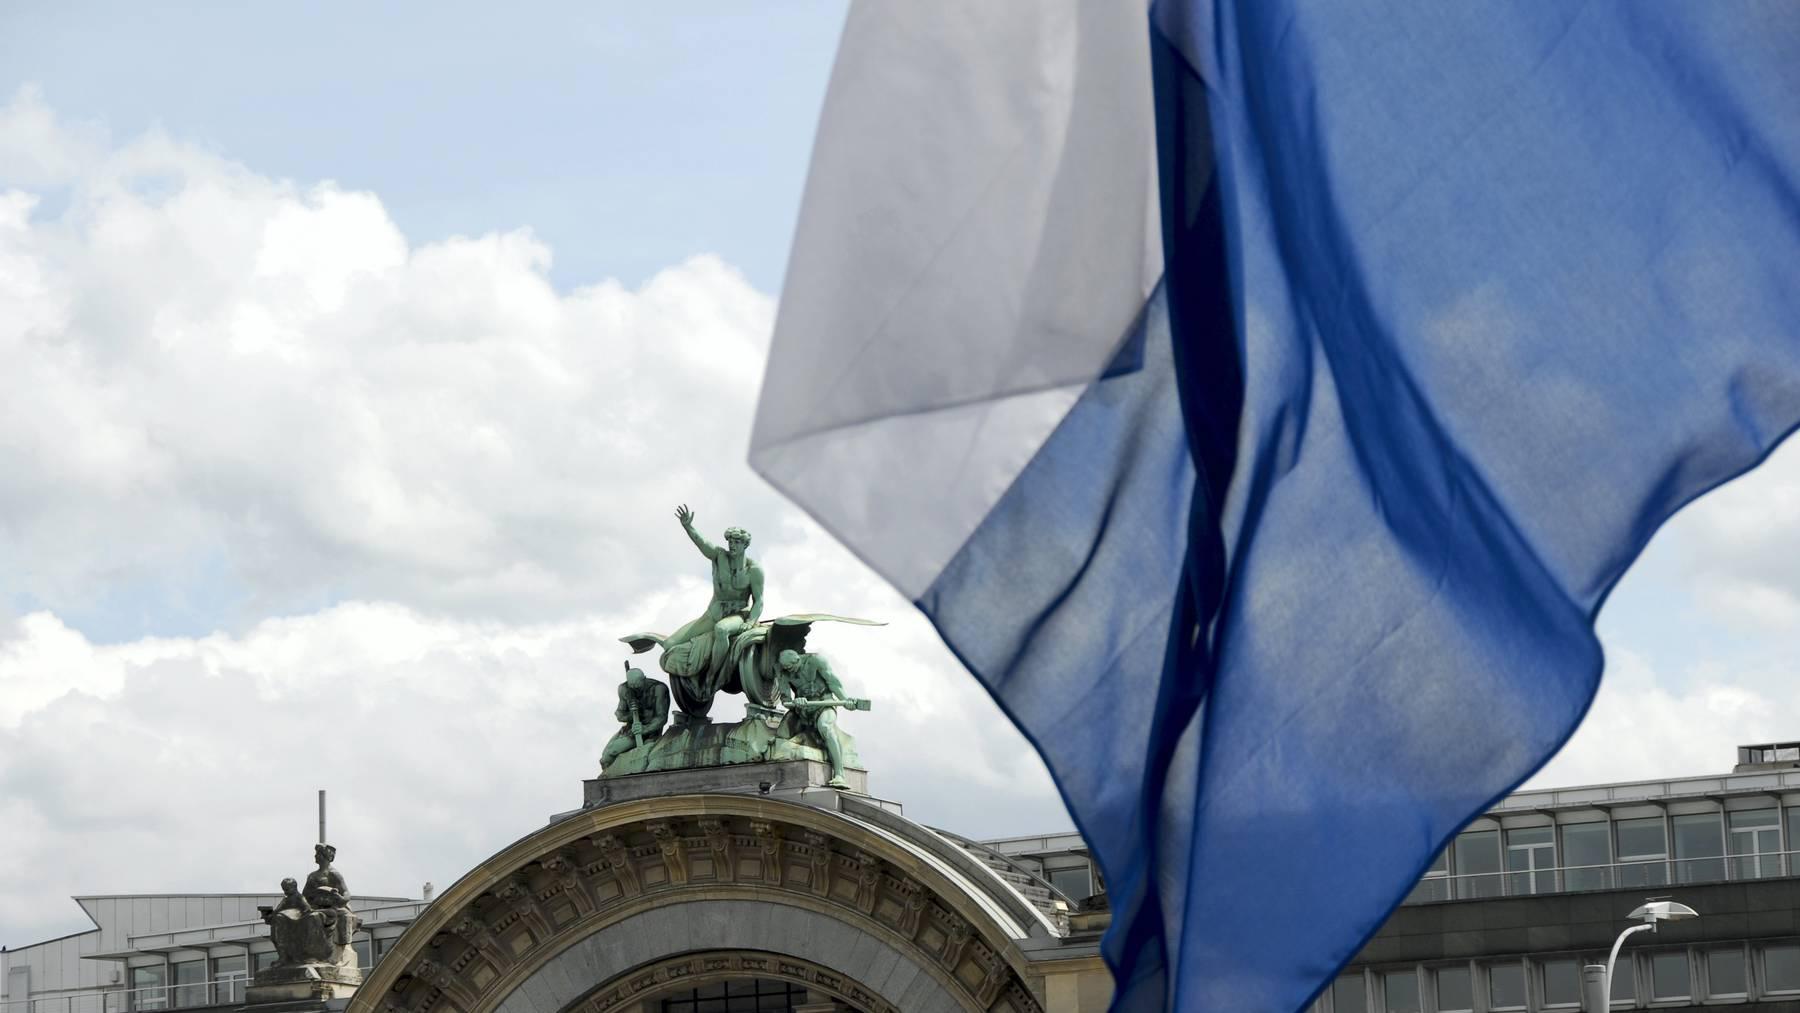 Luzern: 10 Hooligans zu hohen Geldstrafen verurteilt